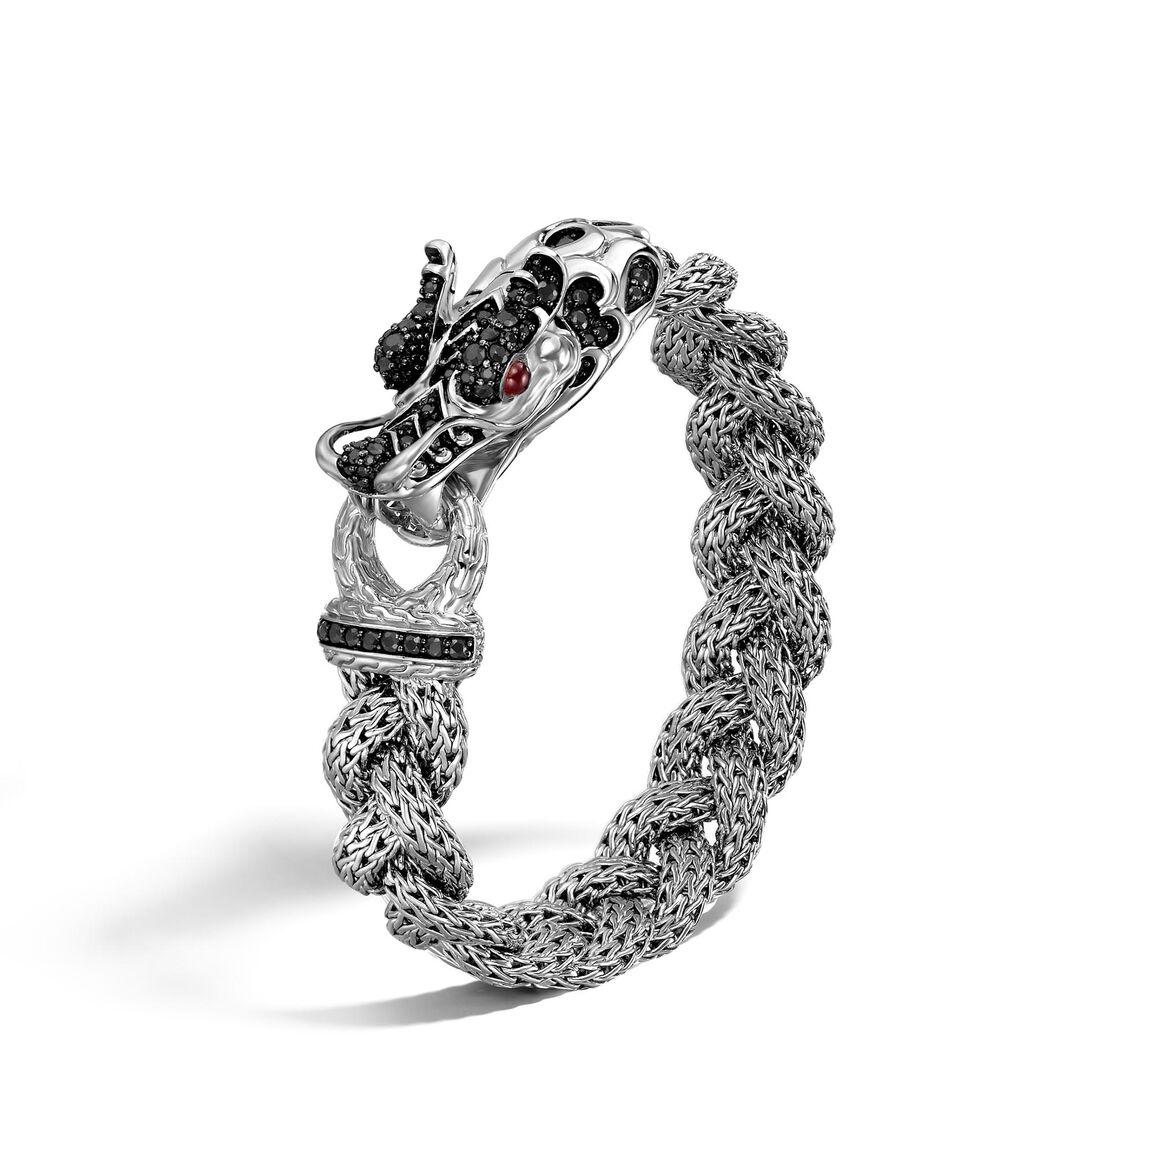 Legends Naga 13.5MM Station Bracelet in Silver with Gemstone